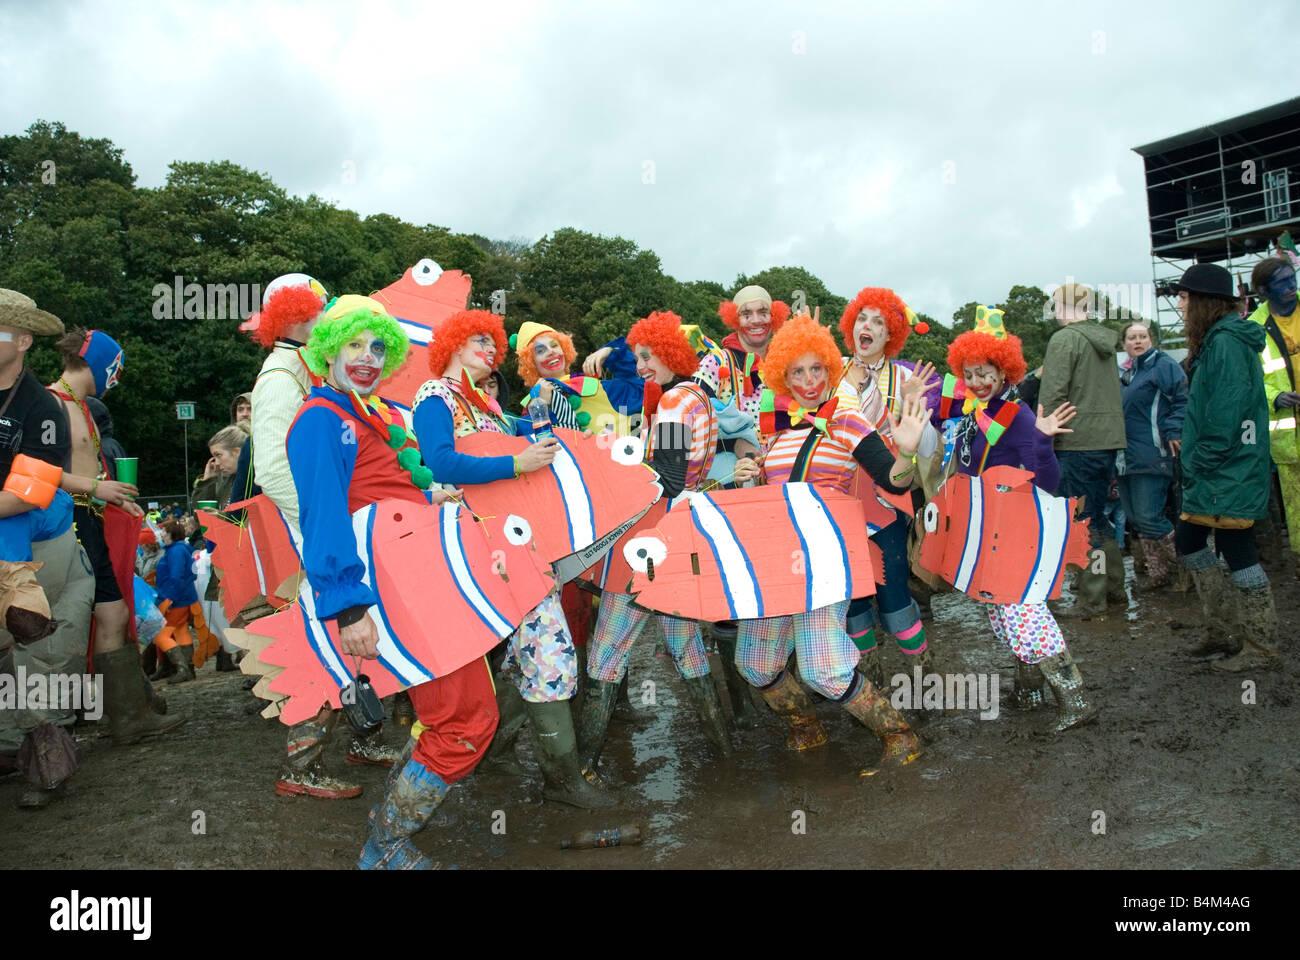 Gruppe von Menschen verkleidet als Fisch, Bestival Isle Of Wight UK 2008 Stockfoto